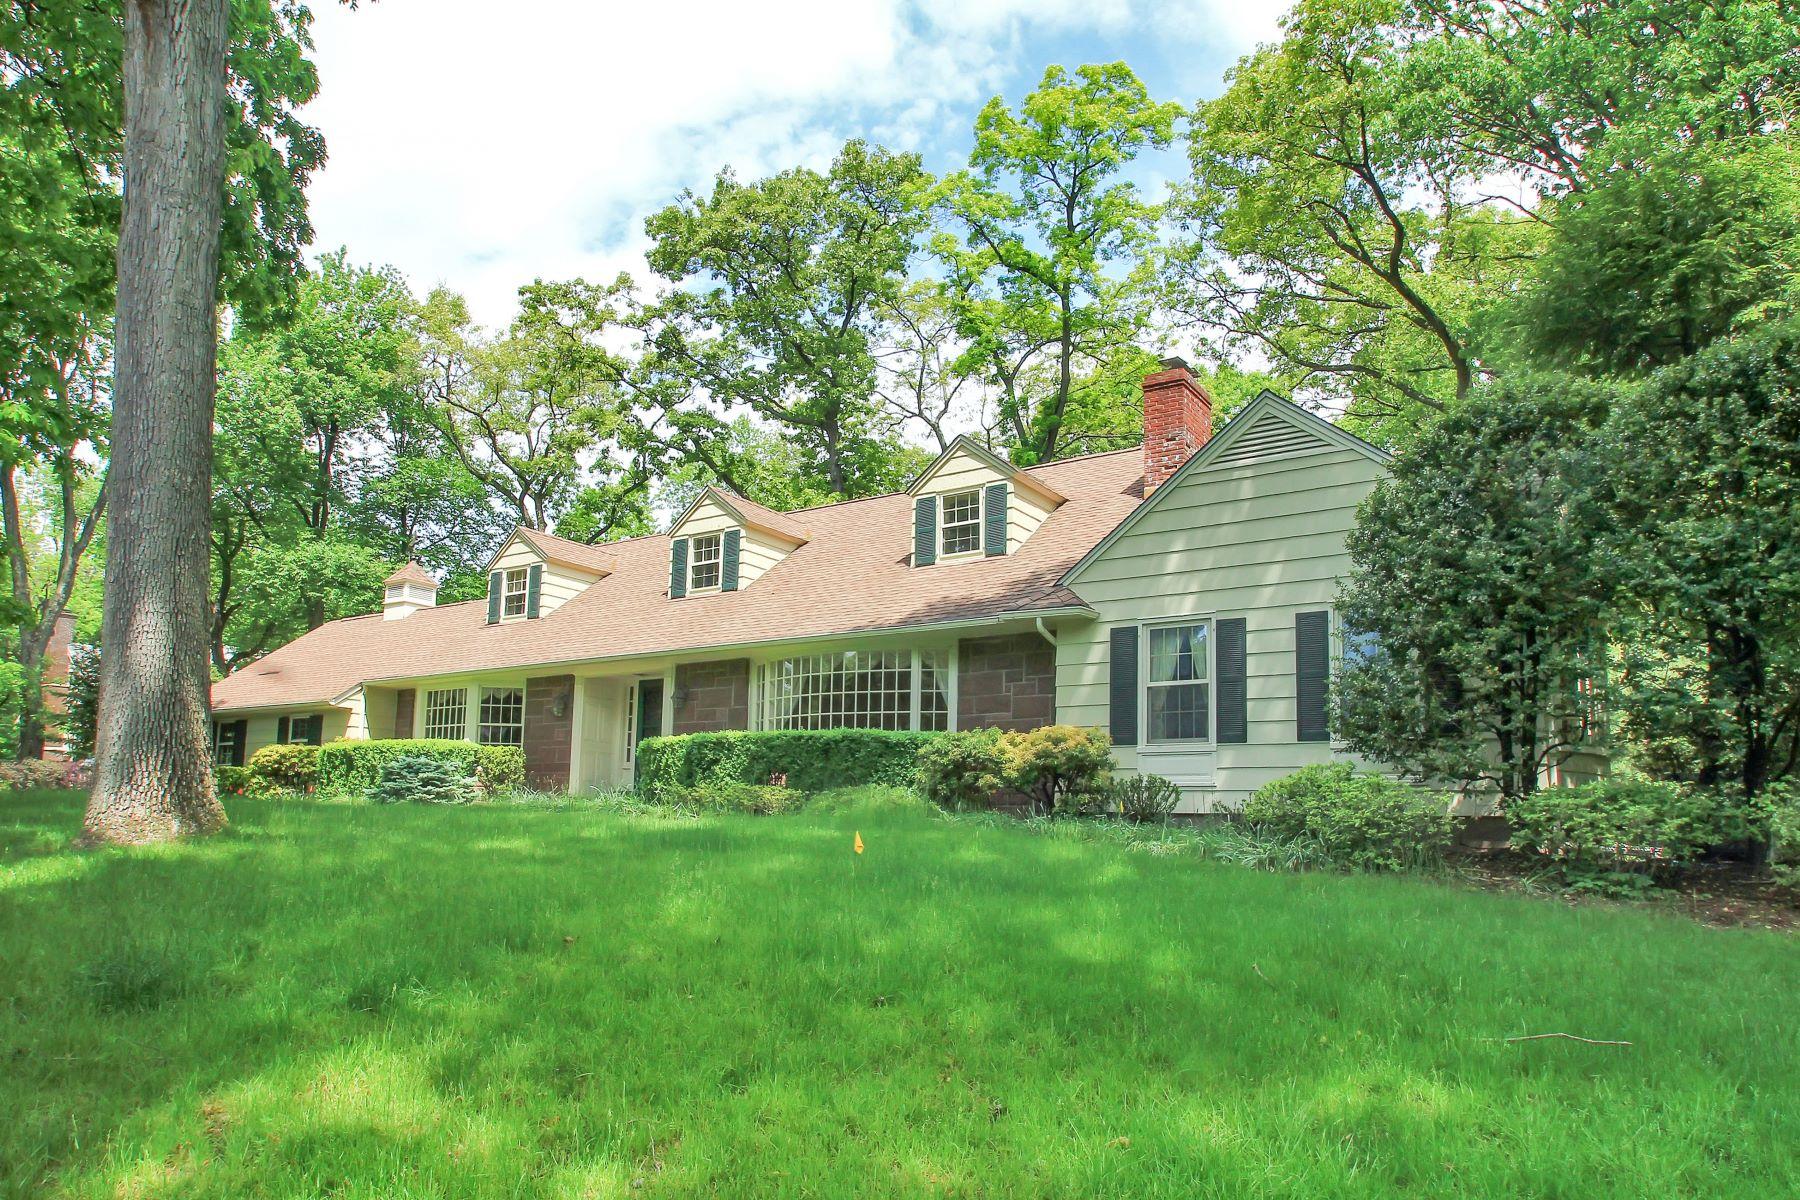 Casa Unifamiliar por un Venta en Prestigious Chestnut Ridge! 3 Twin Brooks Rd, Saddle River, Nueva Jersey, 07458 Estados Unidos